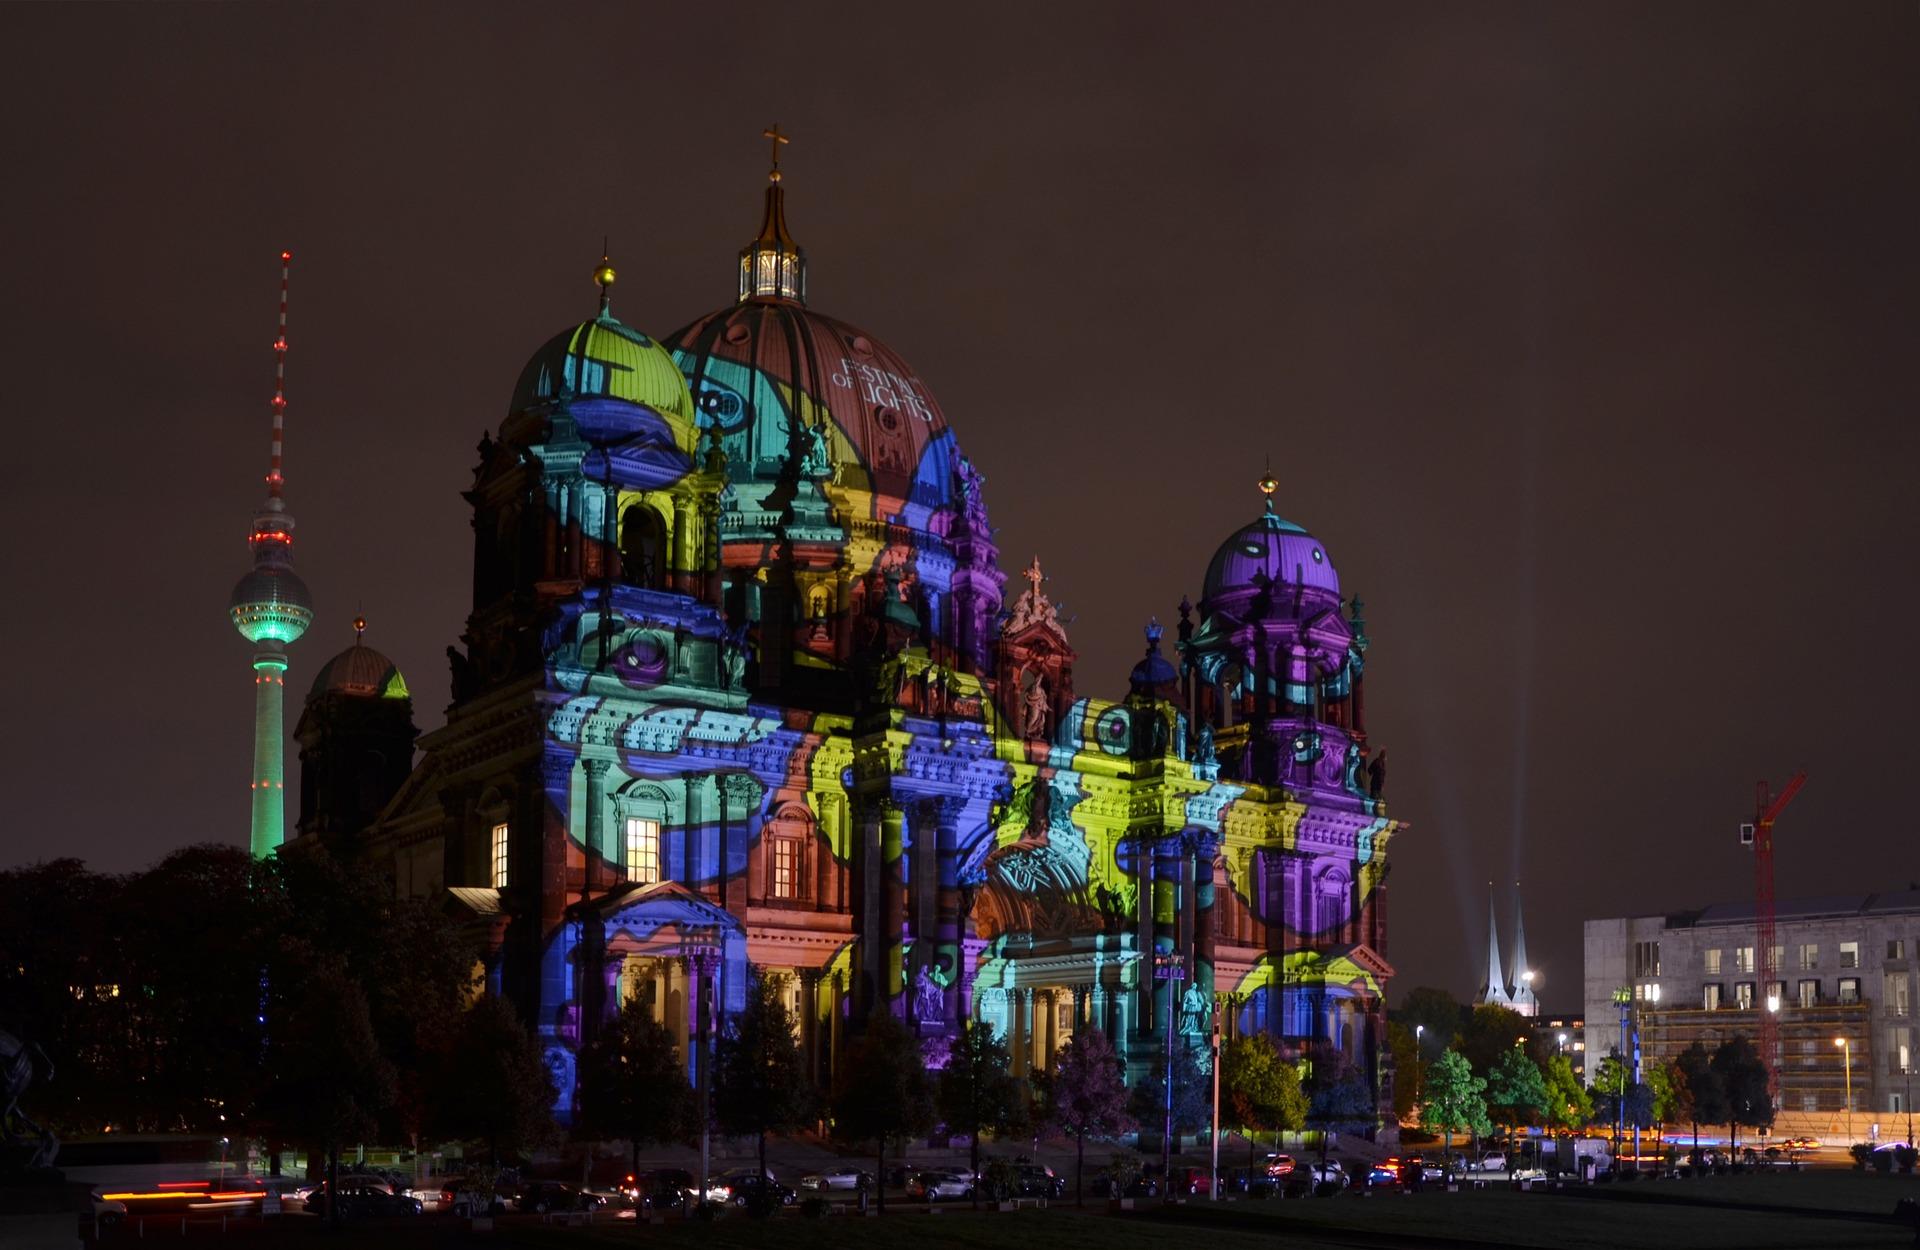 Die besten Graphikdesigner sind in Berlin wie man Sieht beweisen die Berliner sich beim Lichterfestival